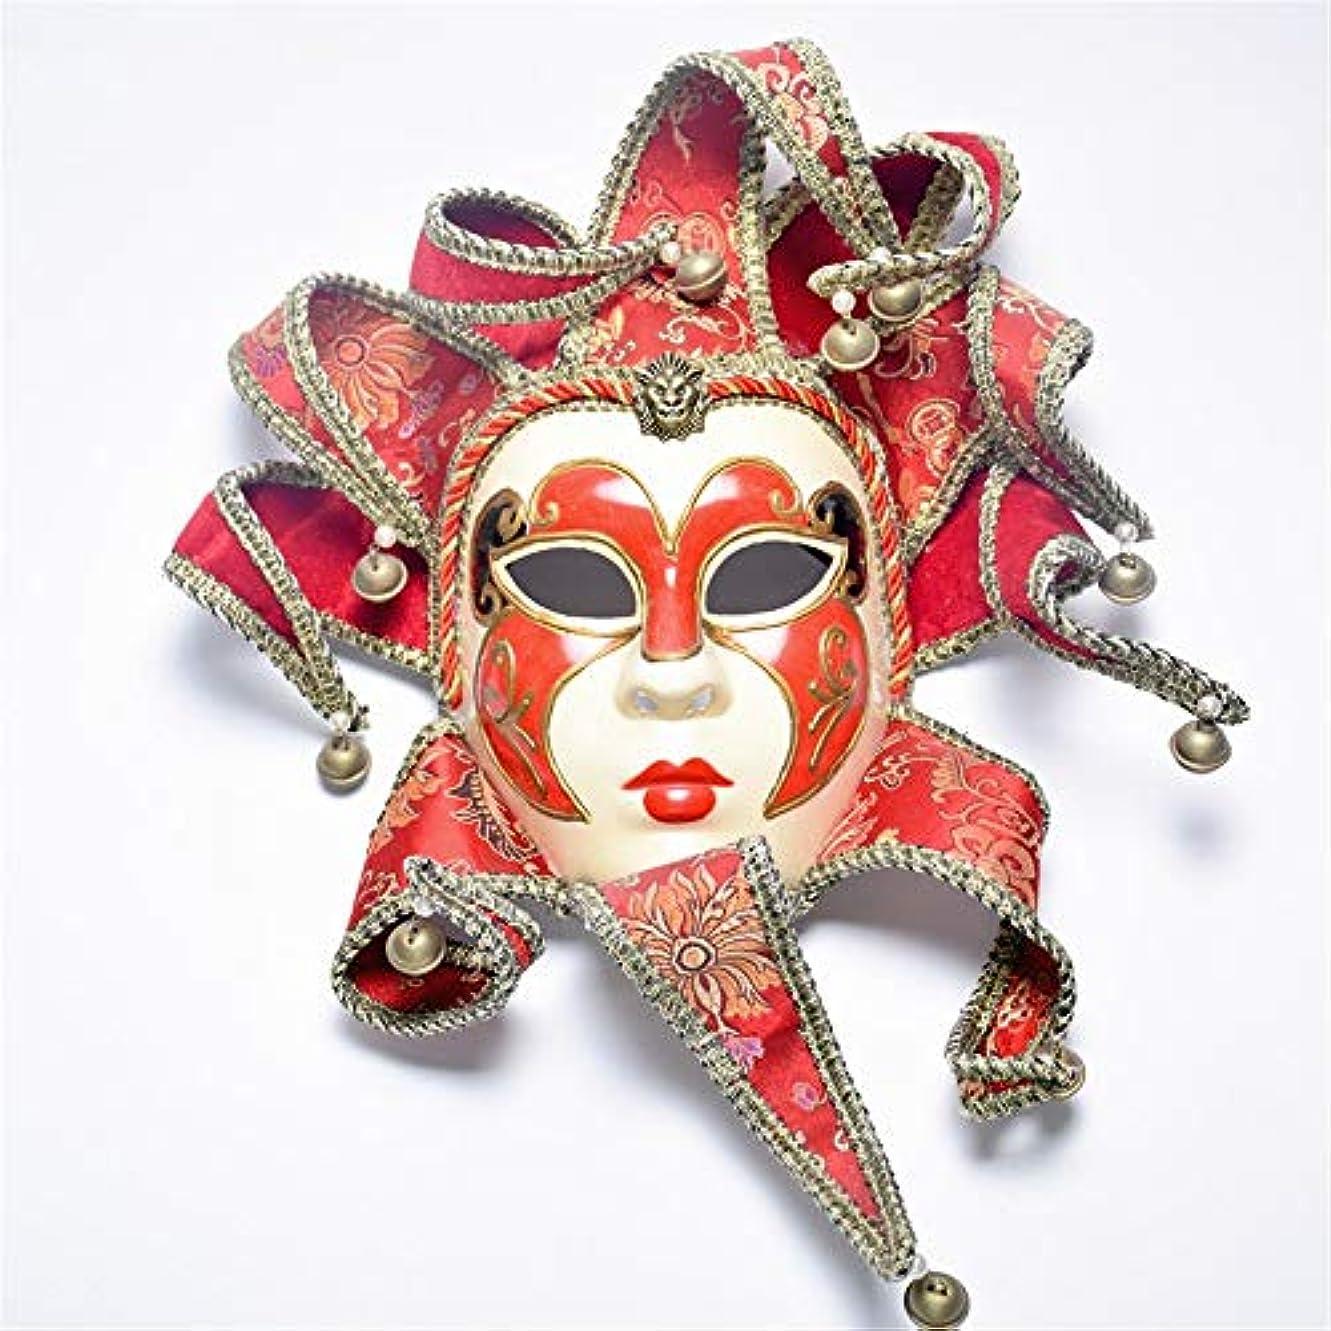 偽善祖先寄付ダンスマスク フルフェイスマスク高級パーティーベルマスク女性マスククリスマスフェスティバルロールプレイングプラスチックマスク ホリデーパーティー用品 (色 : 赤, サイズ : 49x29cm)